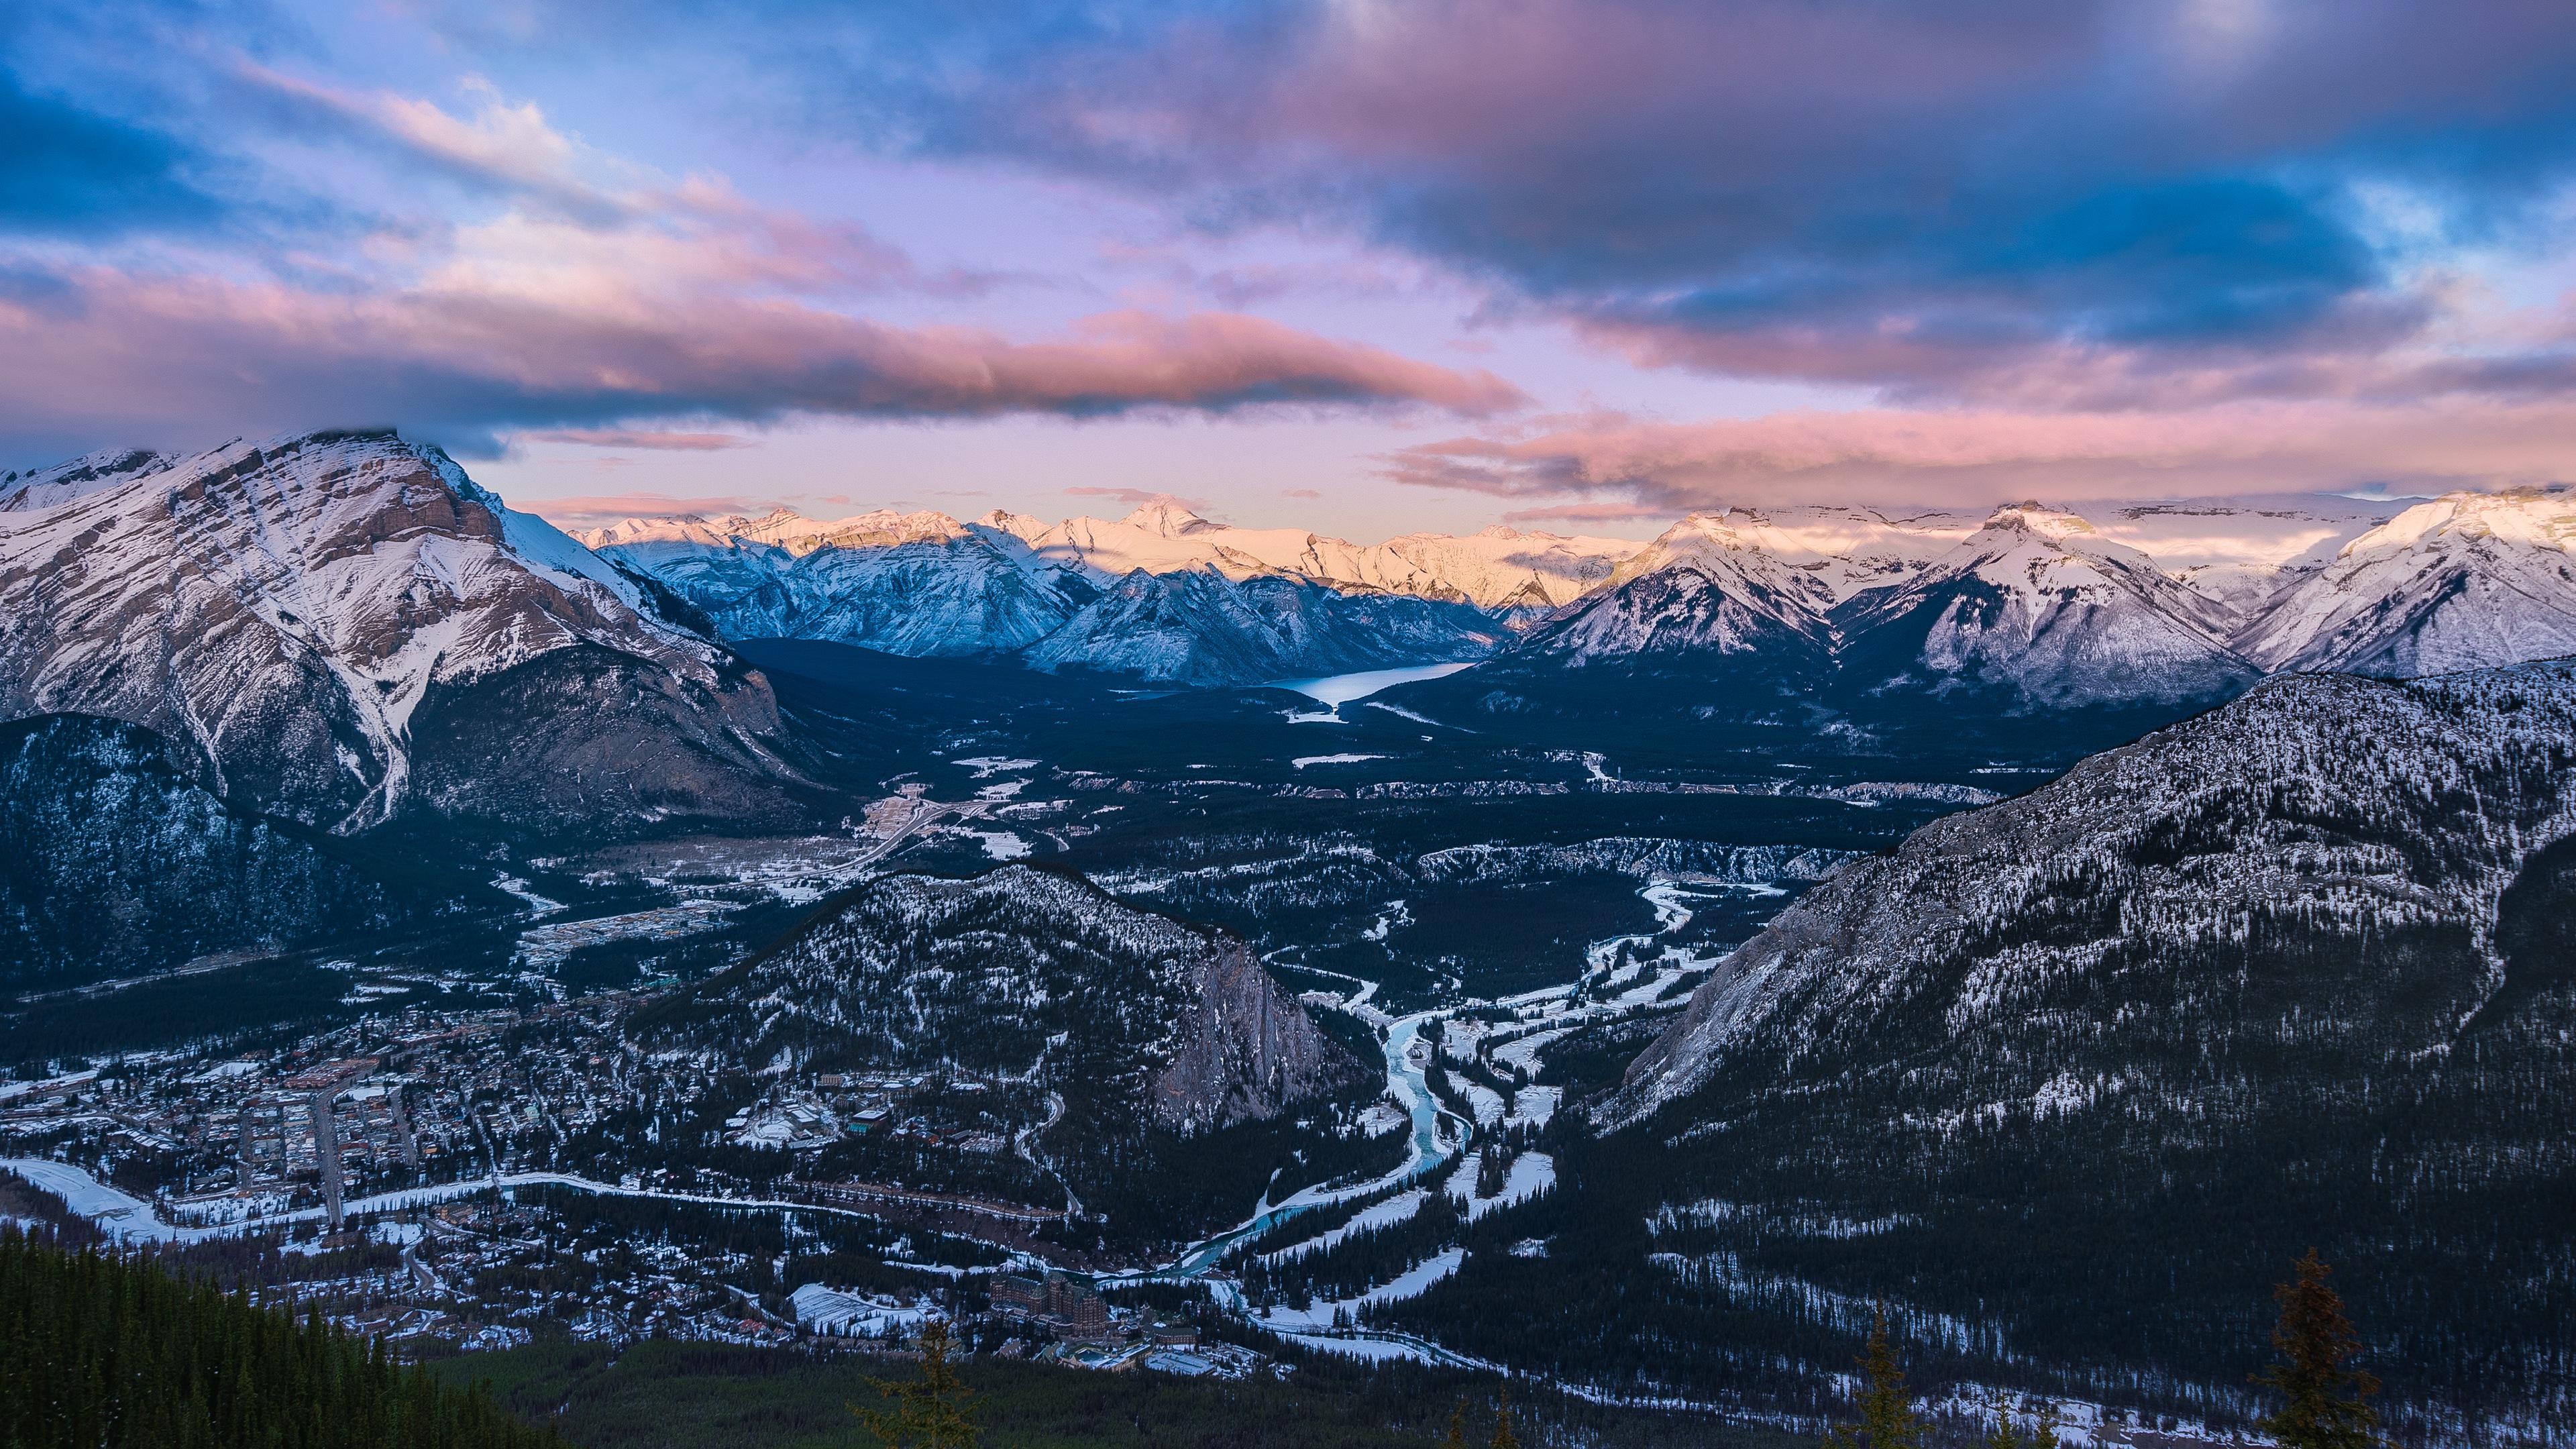 Hình nền \u2013 Mùa đông tại thung lũng Sulphur